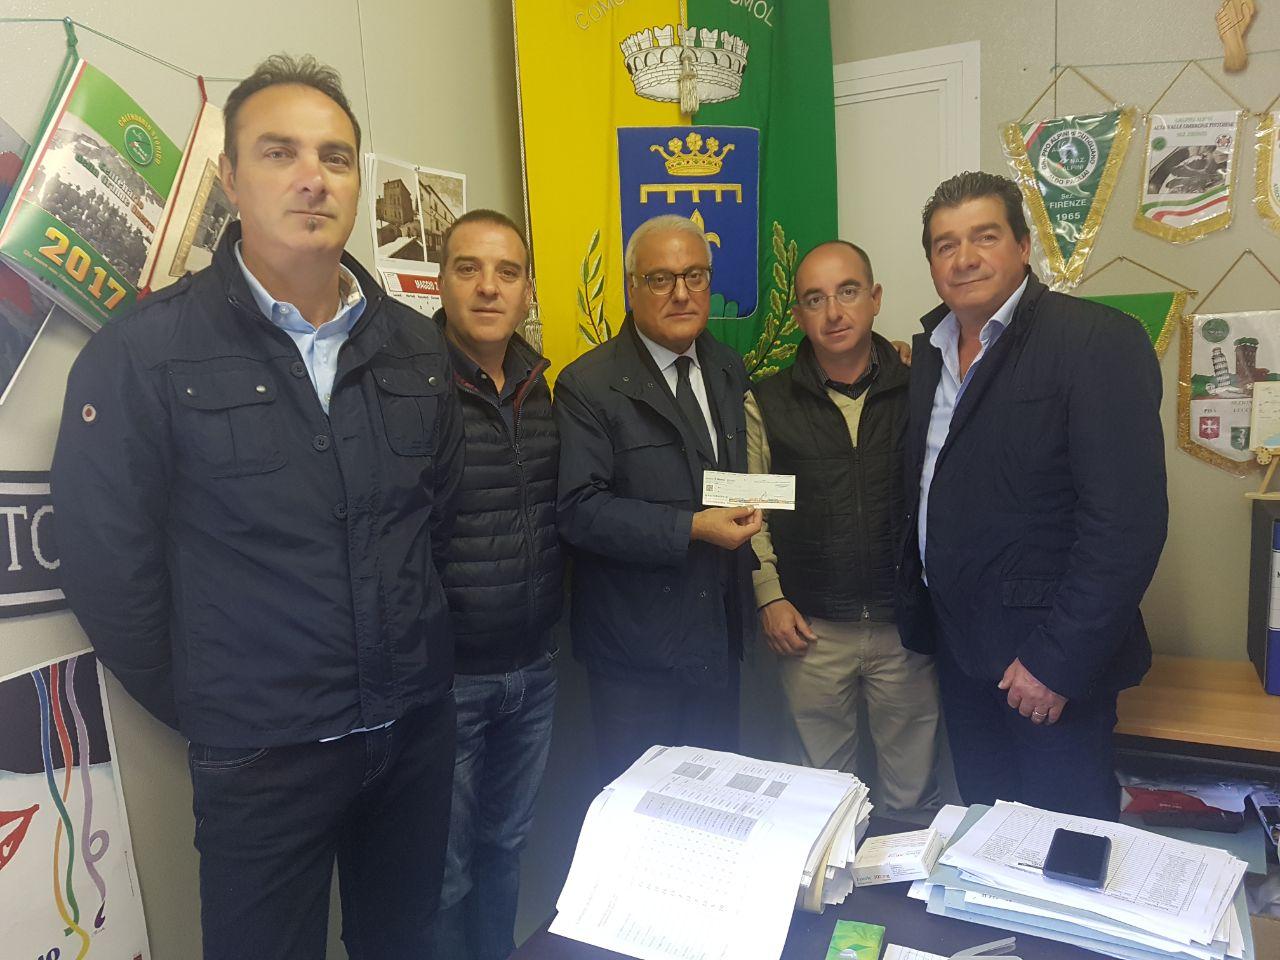 Il sindaco Ciciotti ad Accumoli con un assegno per le popolazioni colpite dal sisma